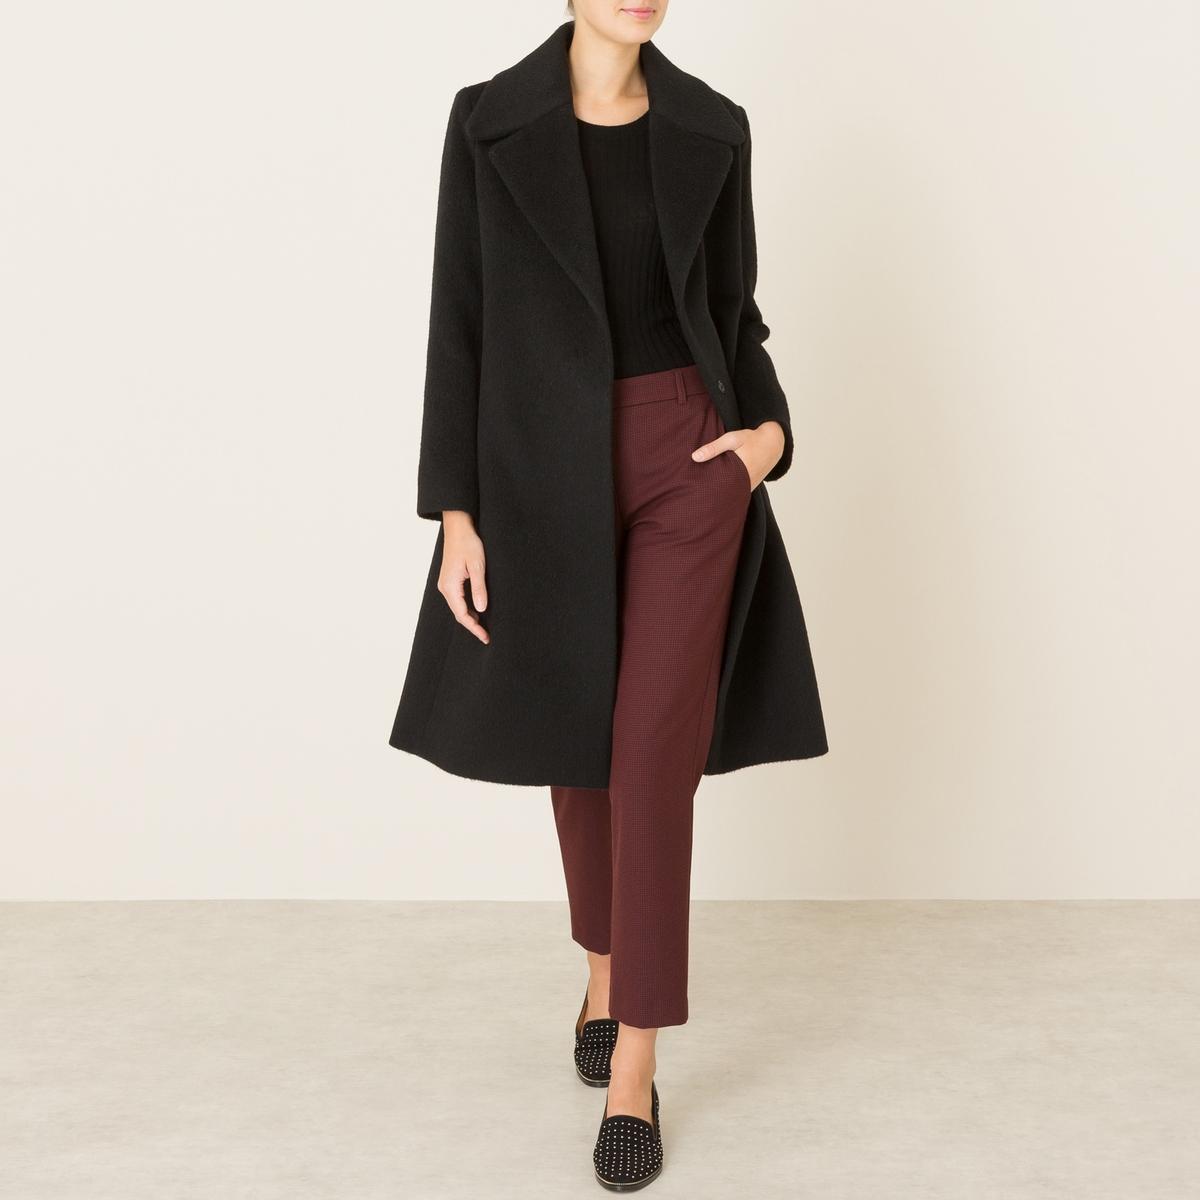 Пальто длинное из шерстяного драпаДлинное пальто LA BRAND BOUTIQUE - с запахом, с застежкой на 2 кнопки, из шерстяного драпа.  Зубчатый воротник, застежка на 2 скрытые кнопки. Широкий пояс. Прямые рукава. Шлица сзади. На подкладке.Состав и описание    Материал : 60% необработанной шерсти, 15% мохера, 25% полиамида   Подкладка 100% ацетат   Марка : LA BRAND BOUTIQUE<br><br>Цвет: черный